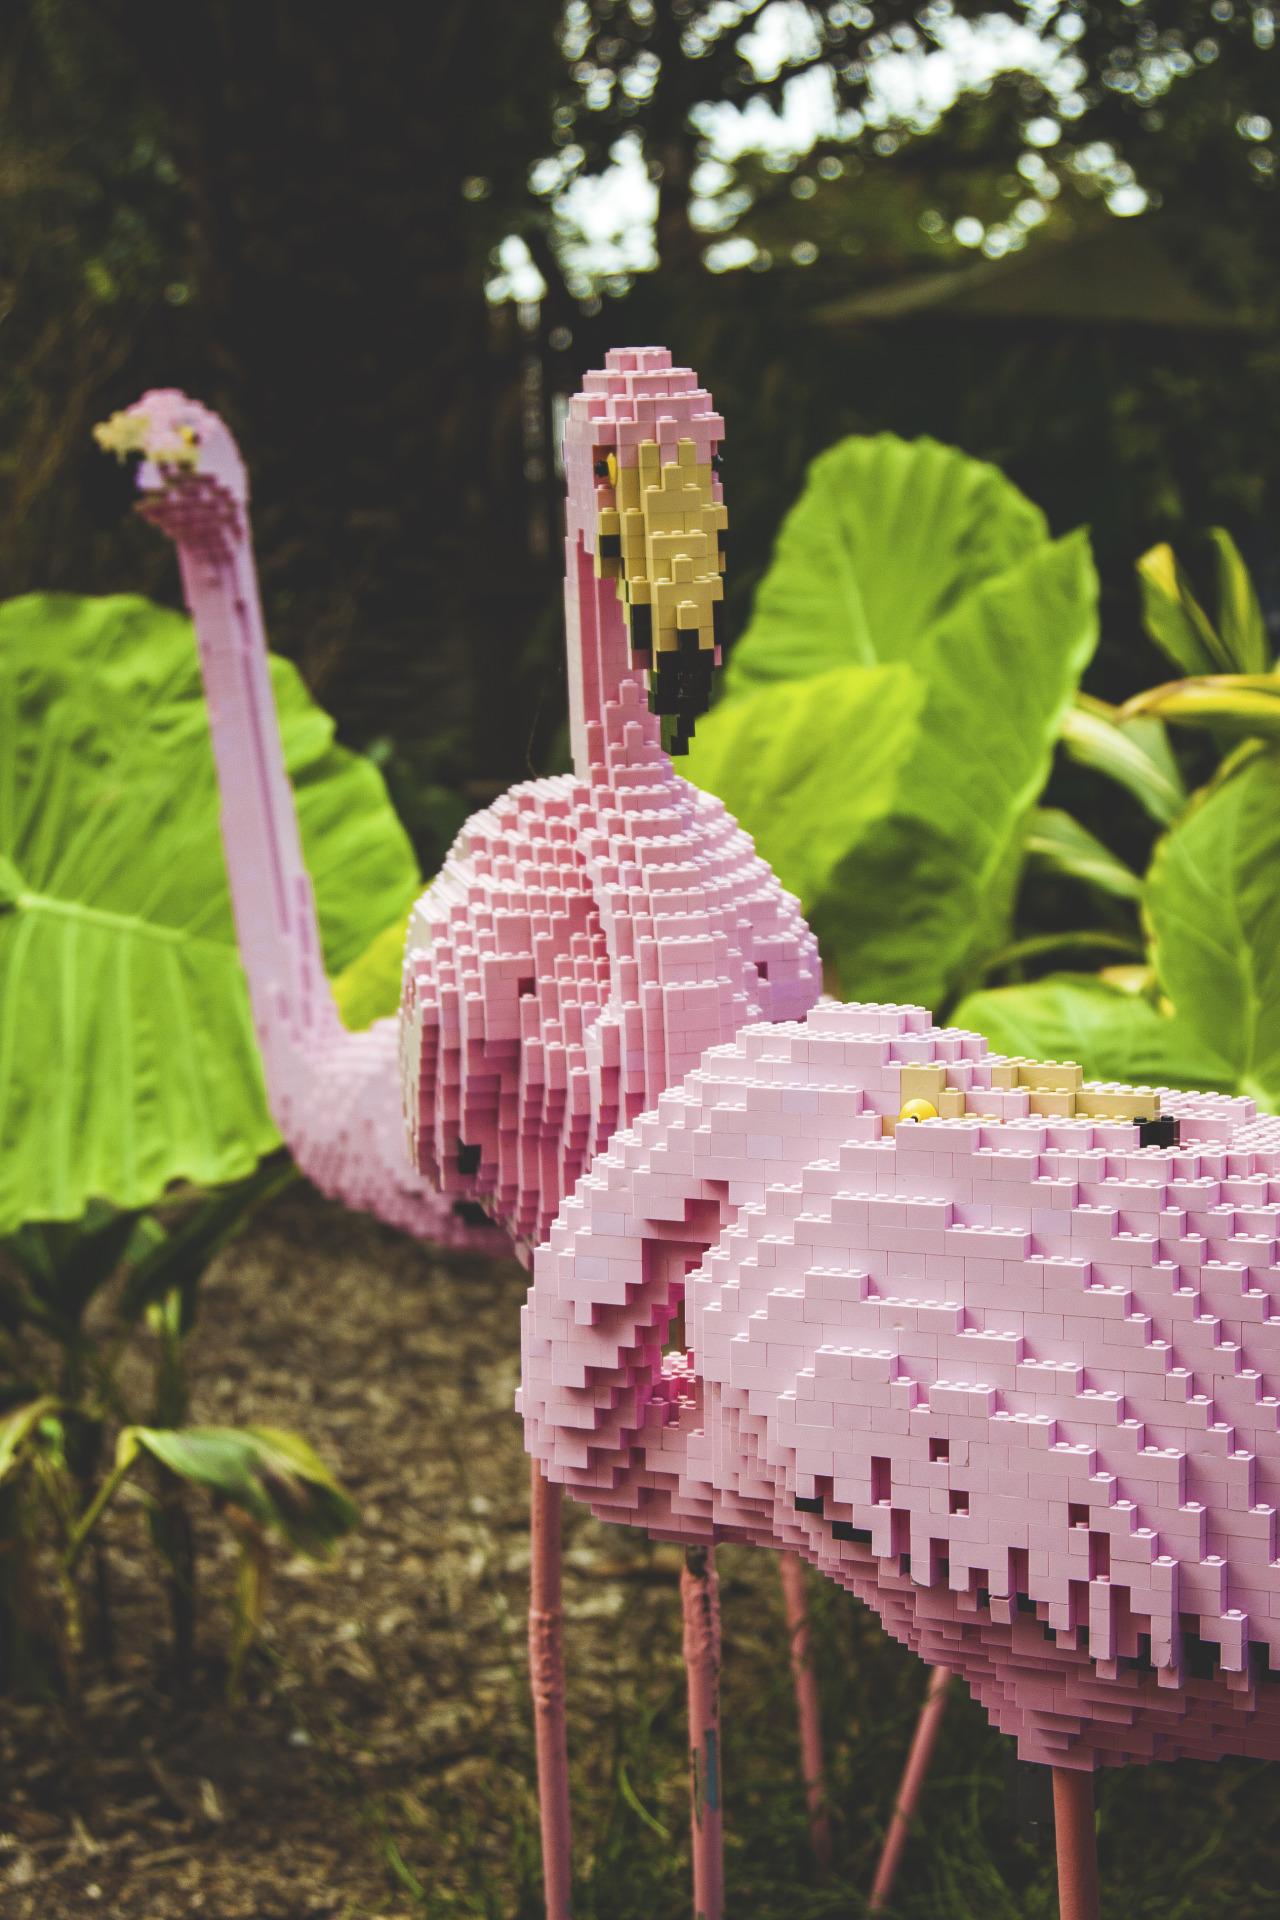 The Zoos of Tomorrow - Lego Pink Flamingos